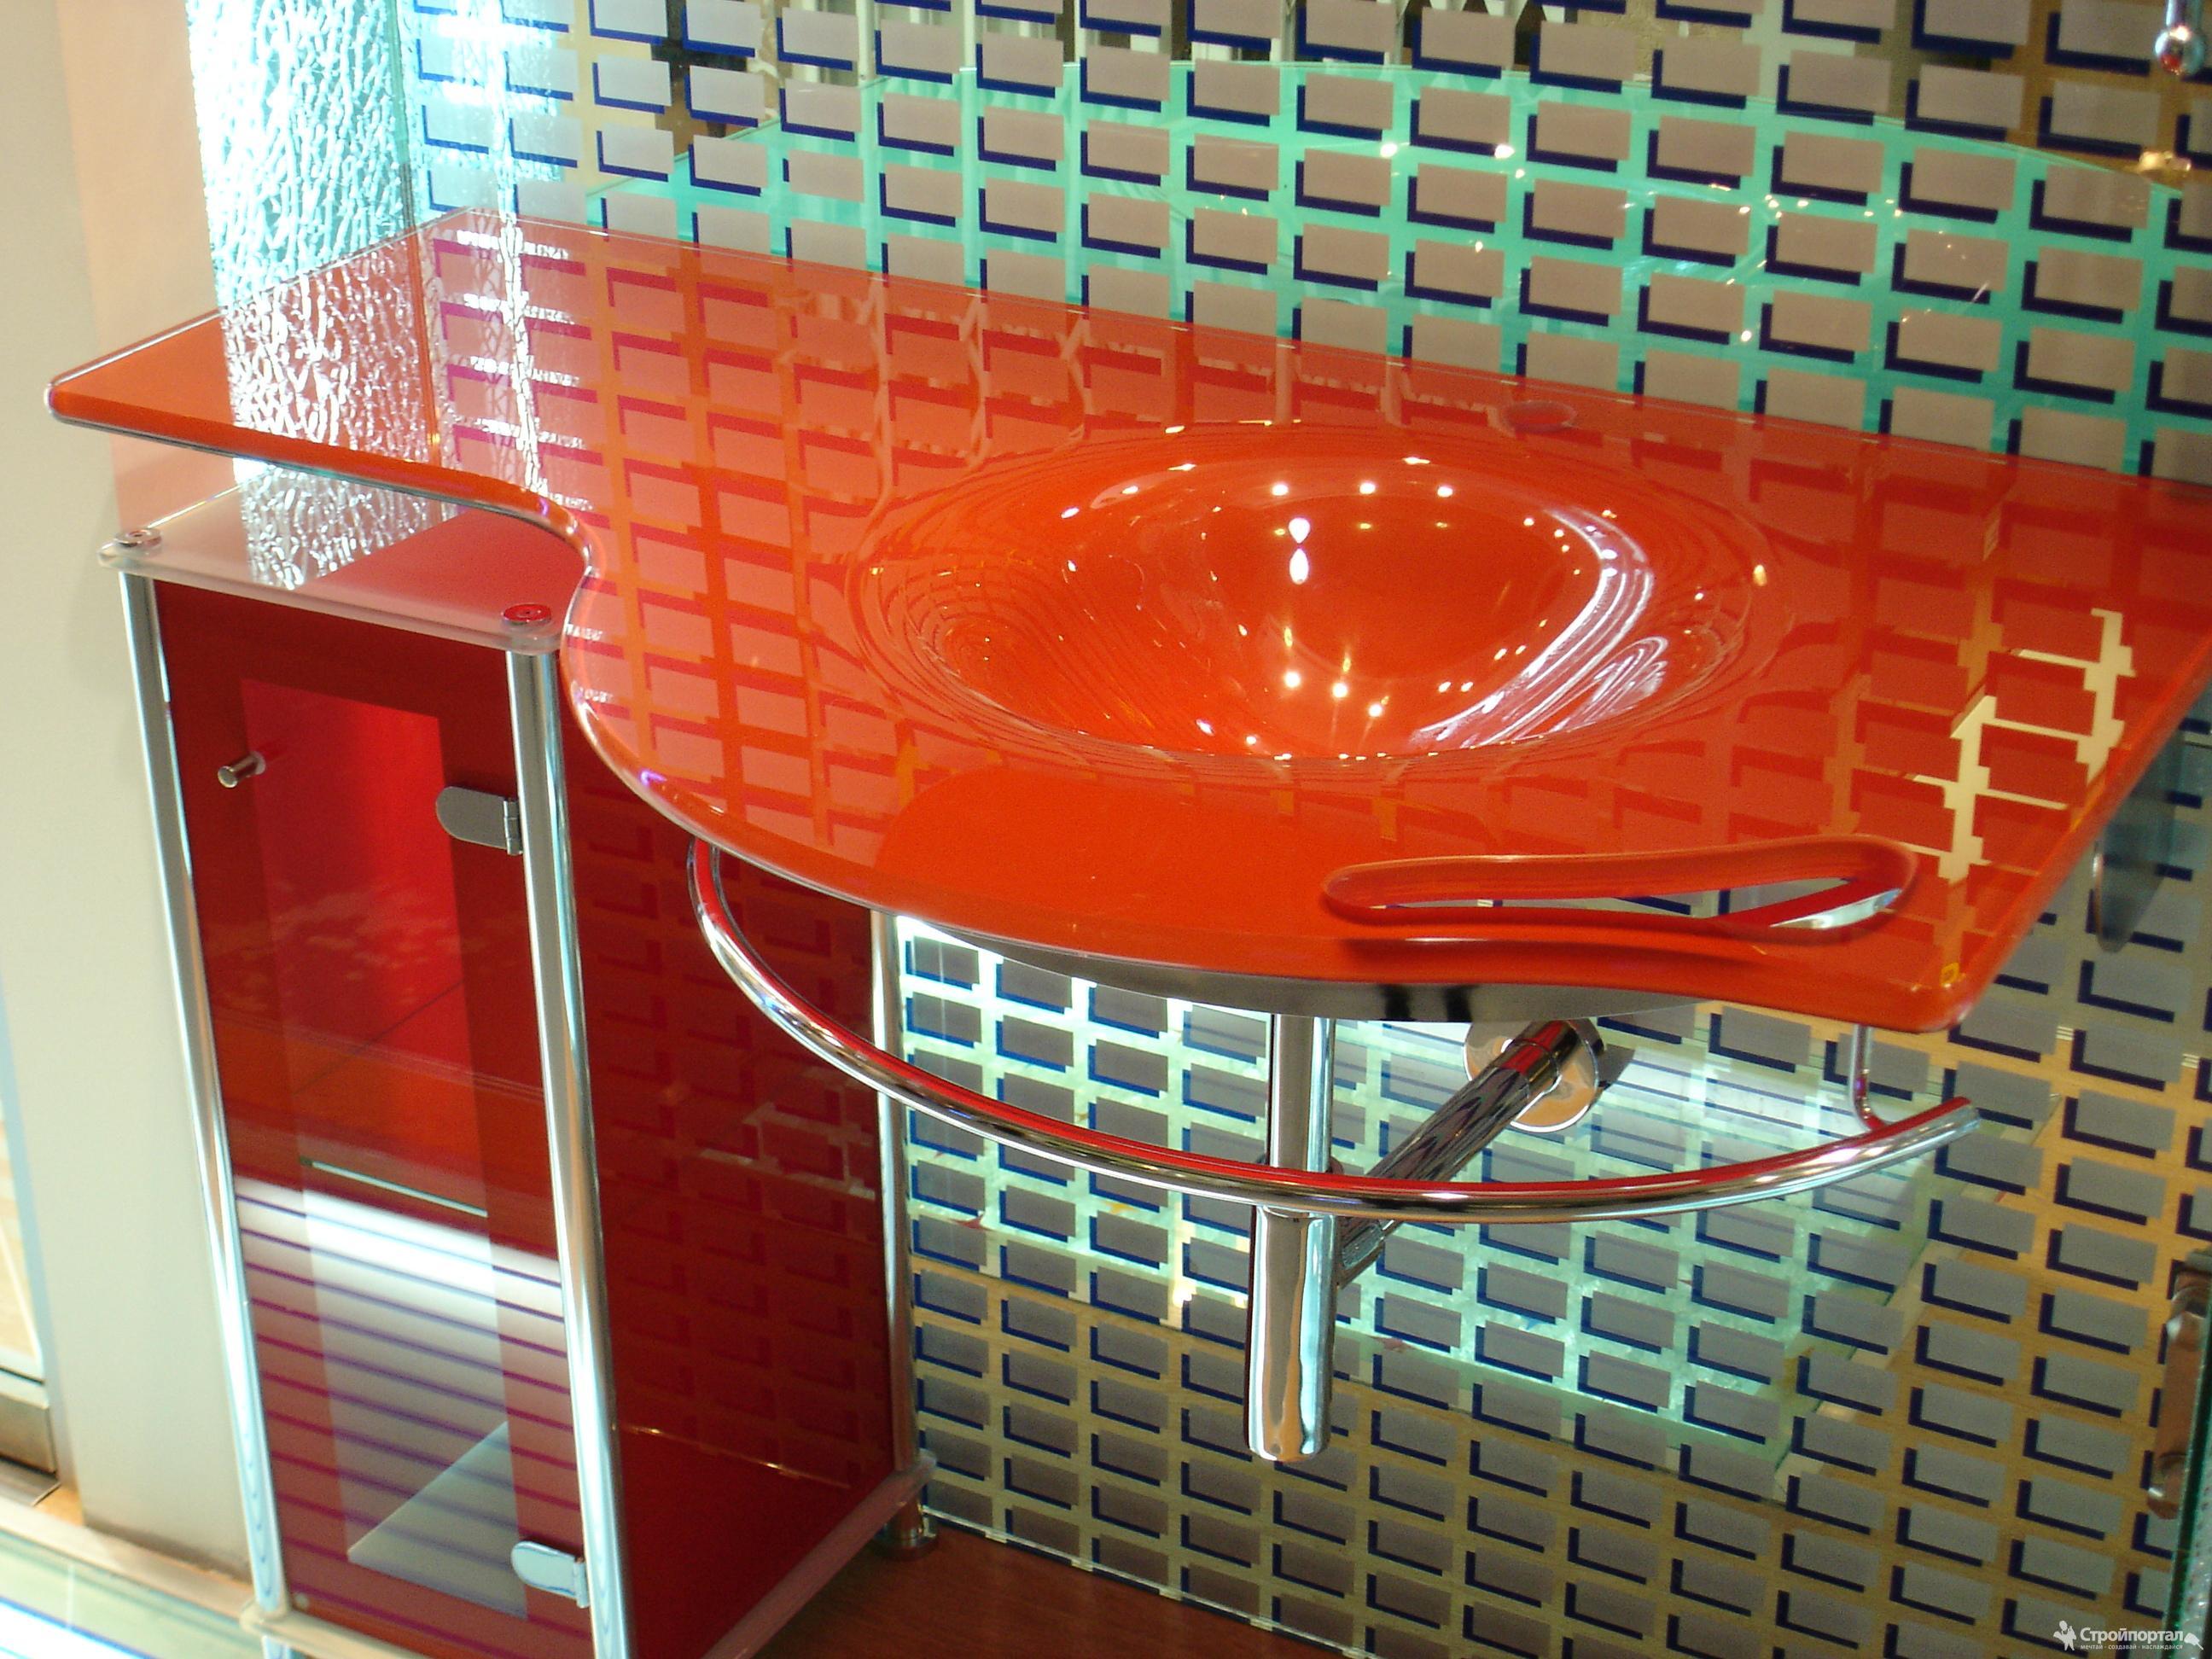 Акриловые раковины: умывальники для ванной комнаты с вкладышем, чем чистить и мыть вставку, отзывы владельцев